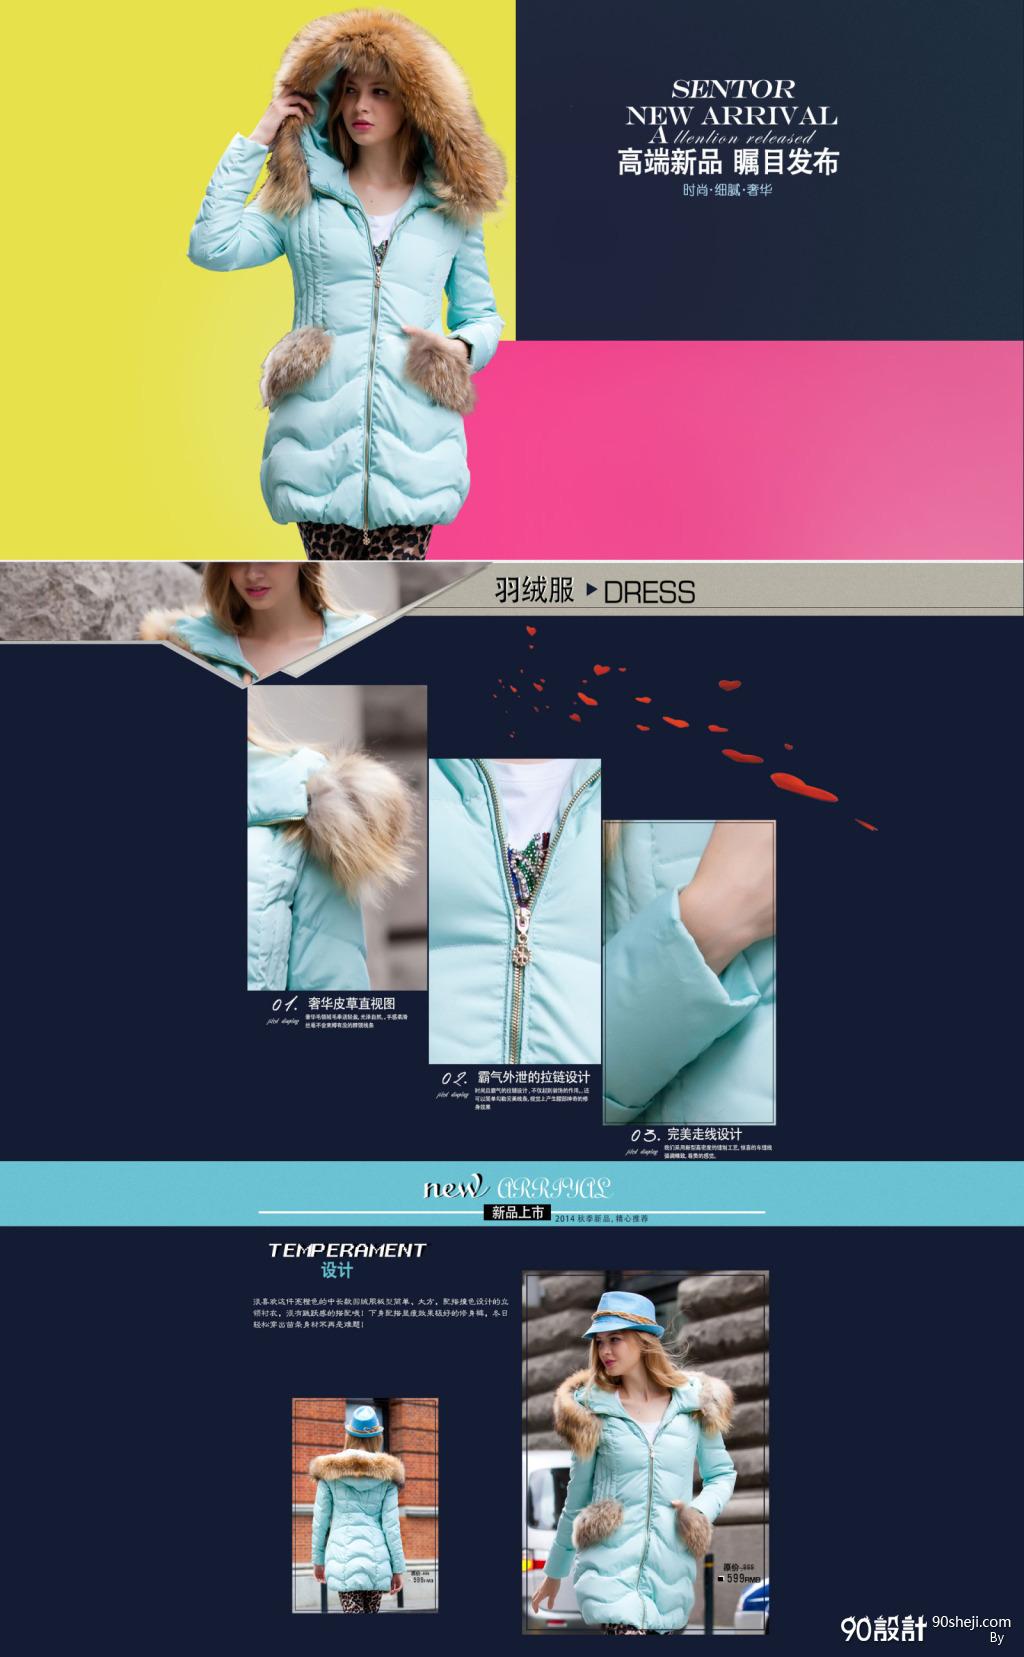 回复 1f 海报上的产品跟背景色搭配有点怪的感觉,不过下面的促销排版图片